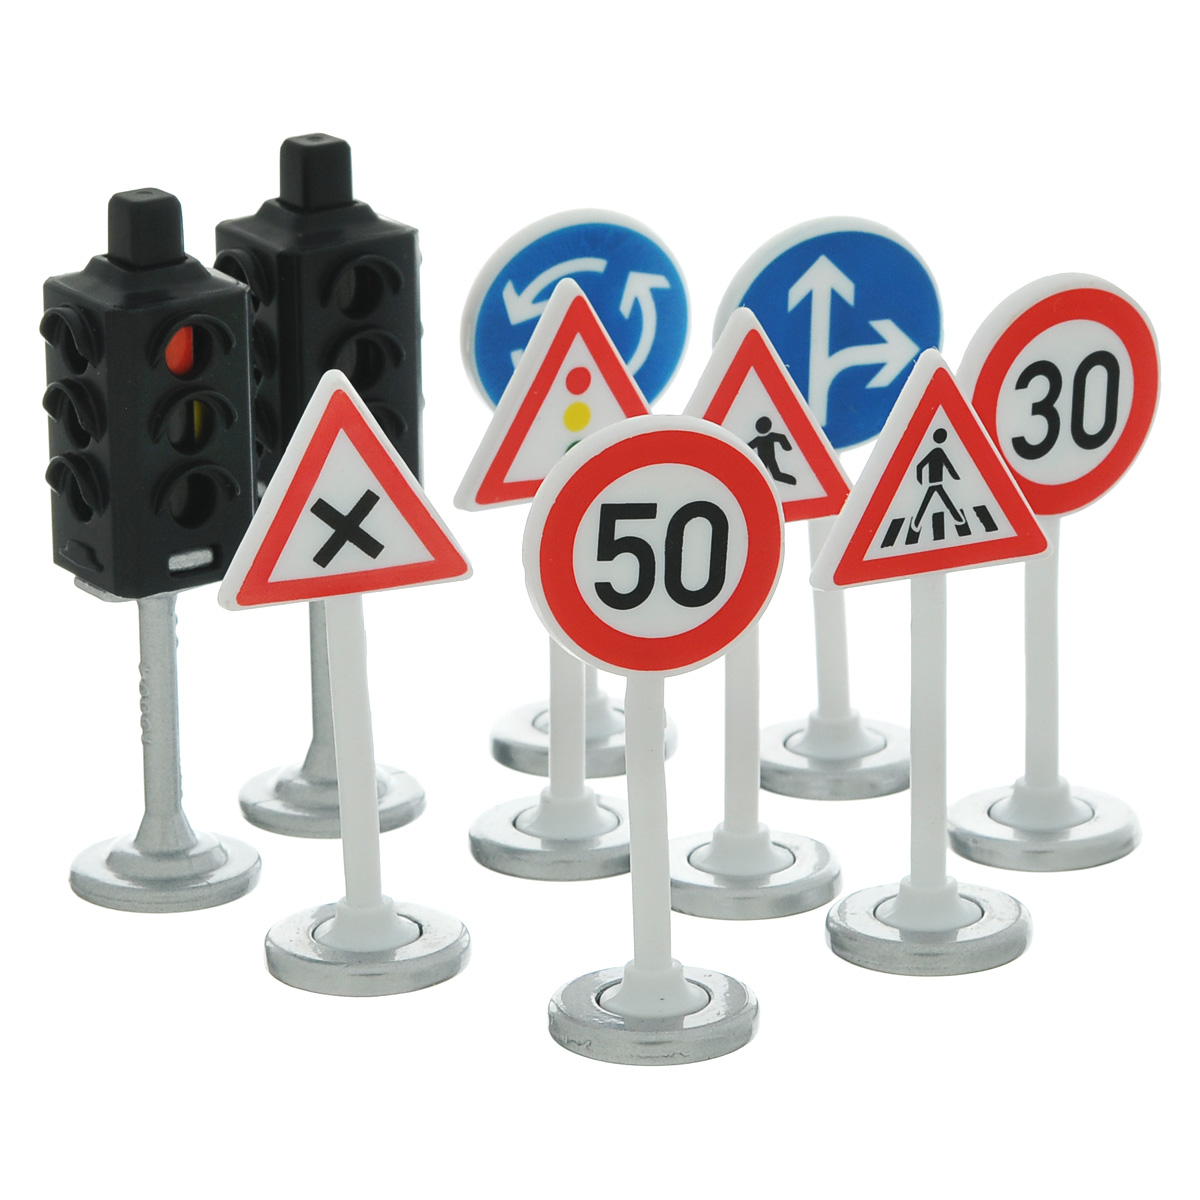 Siku Игровой набор Светофоры и дорожные знаки игровой набор siku набор транспорта и дорожных знаков